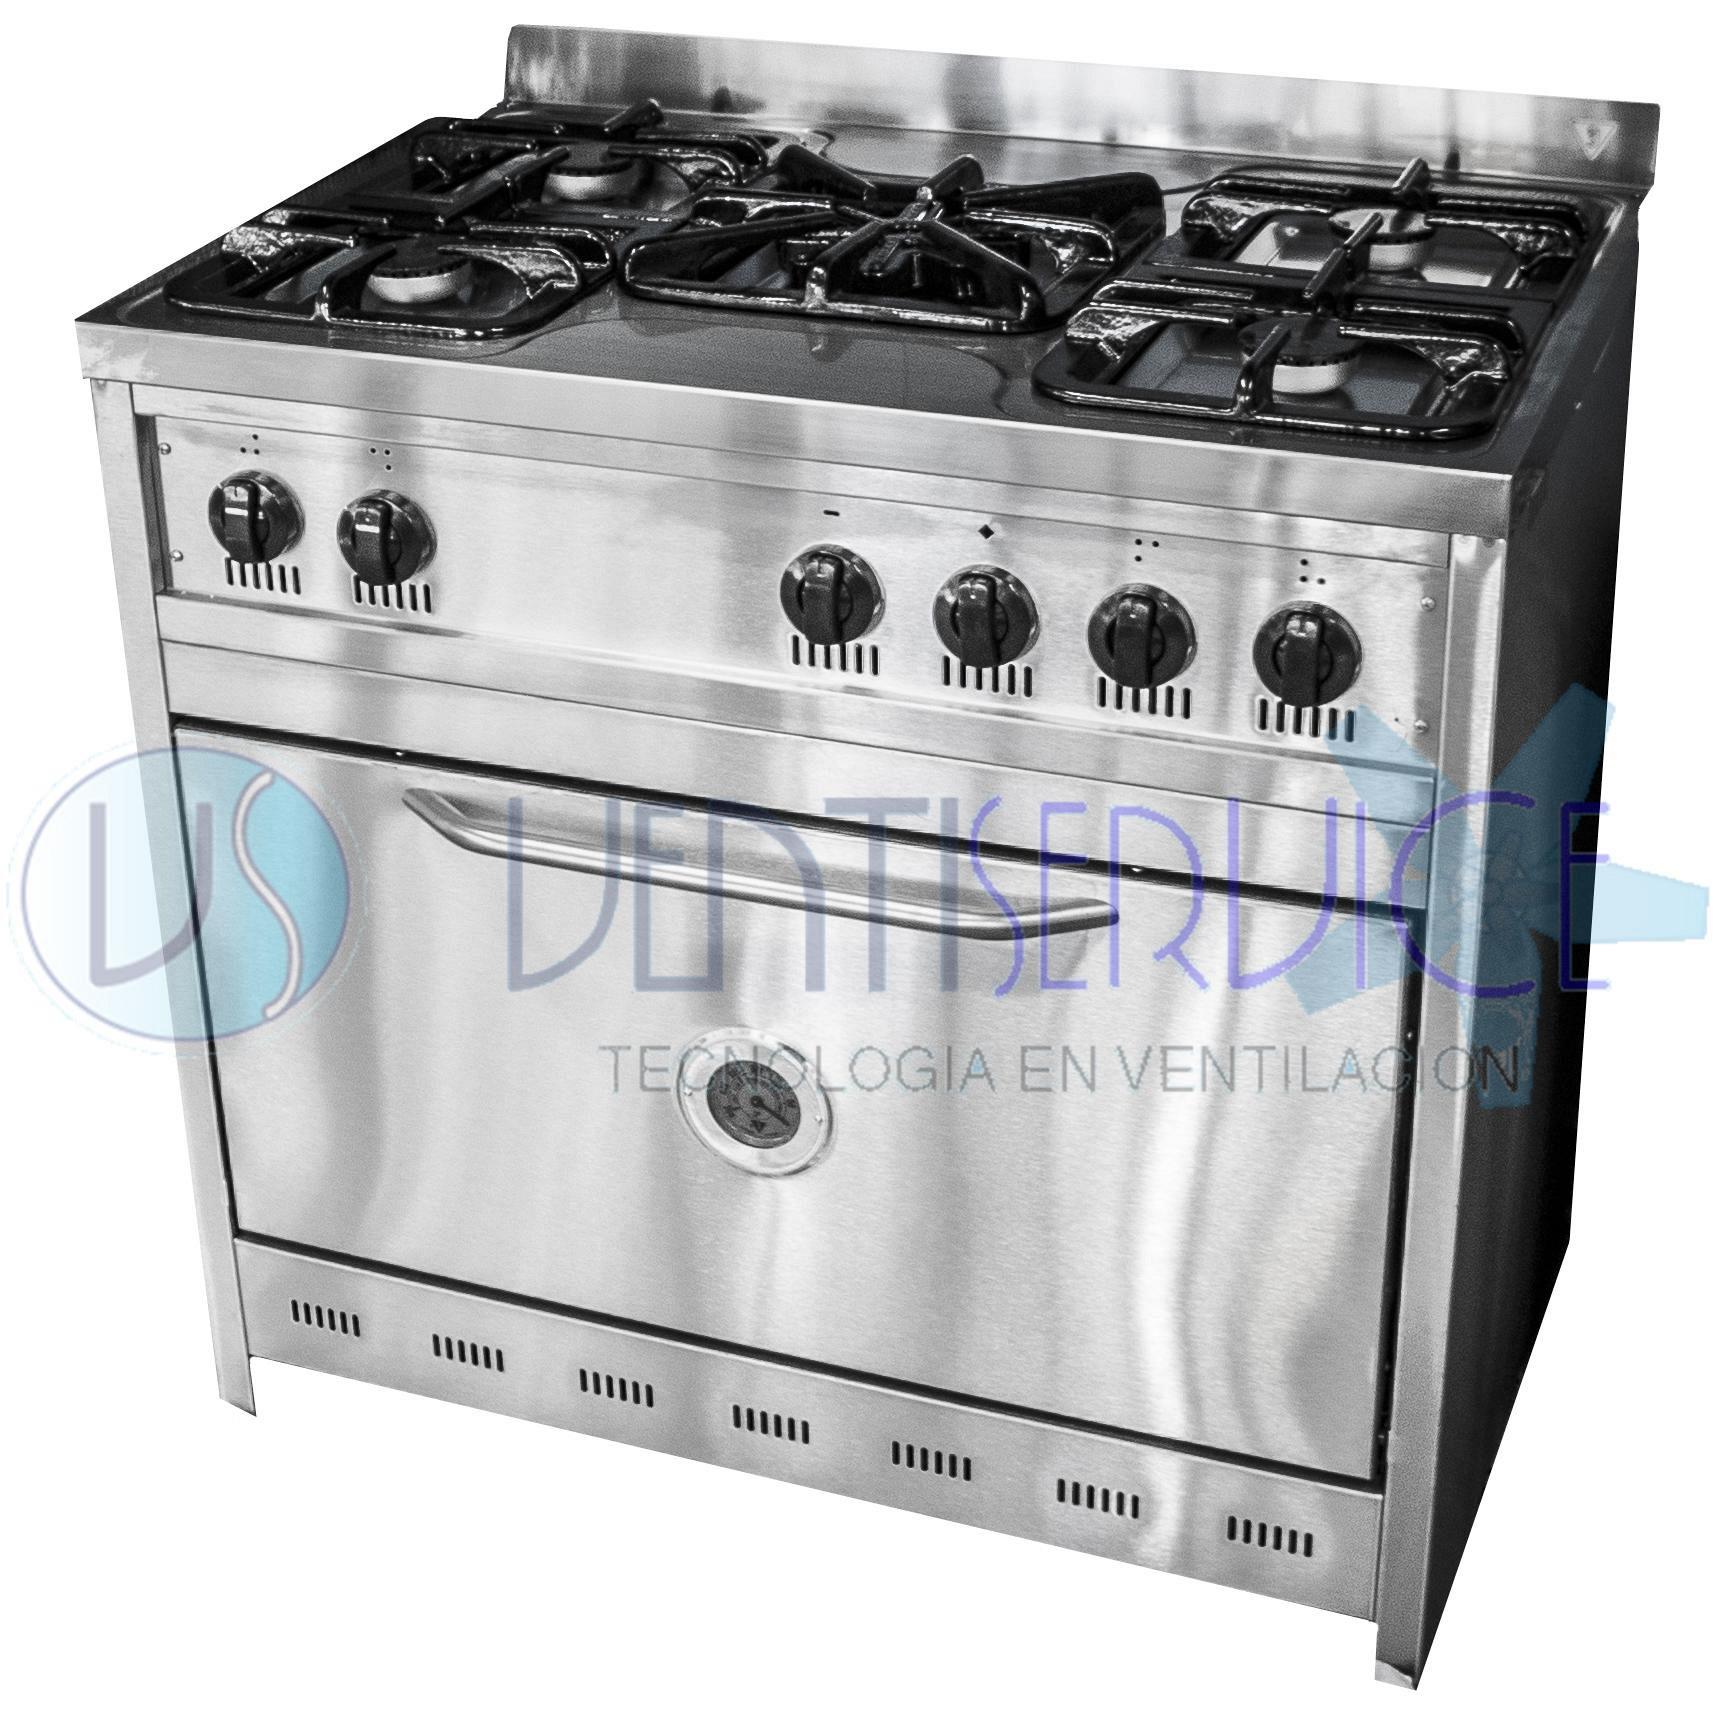 Bienvenido ventiservice campanas de cocina ventilacion - Extractores de cocina silenciosos ...